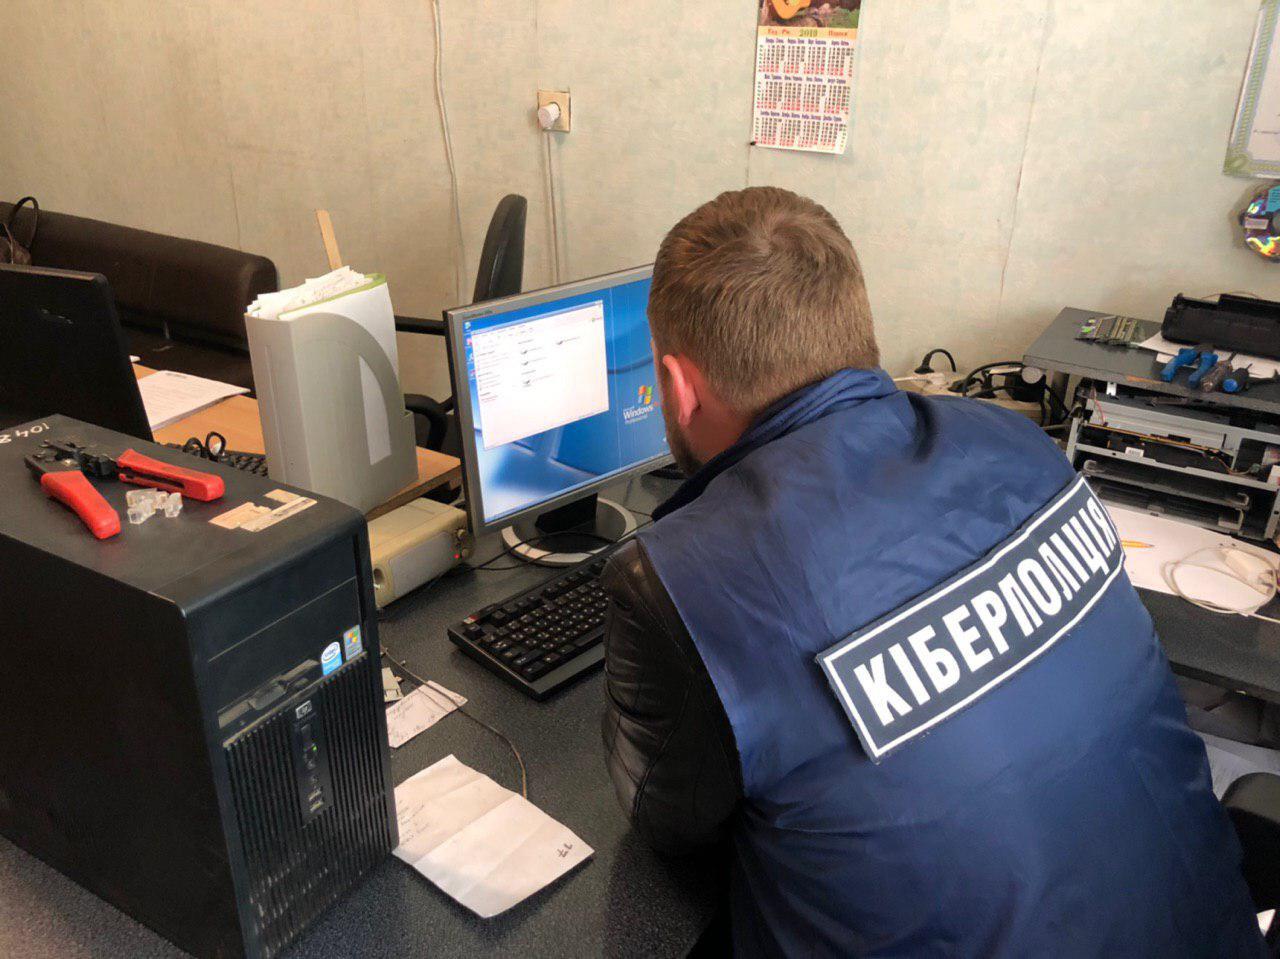 Працівники кіберполіції в Закарпатській області встановили, що жителі Ужгородщини незаконно розкодовували заборонені телевізійні канали. Наразі у справі розпочате досудове слідство.